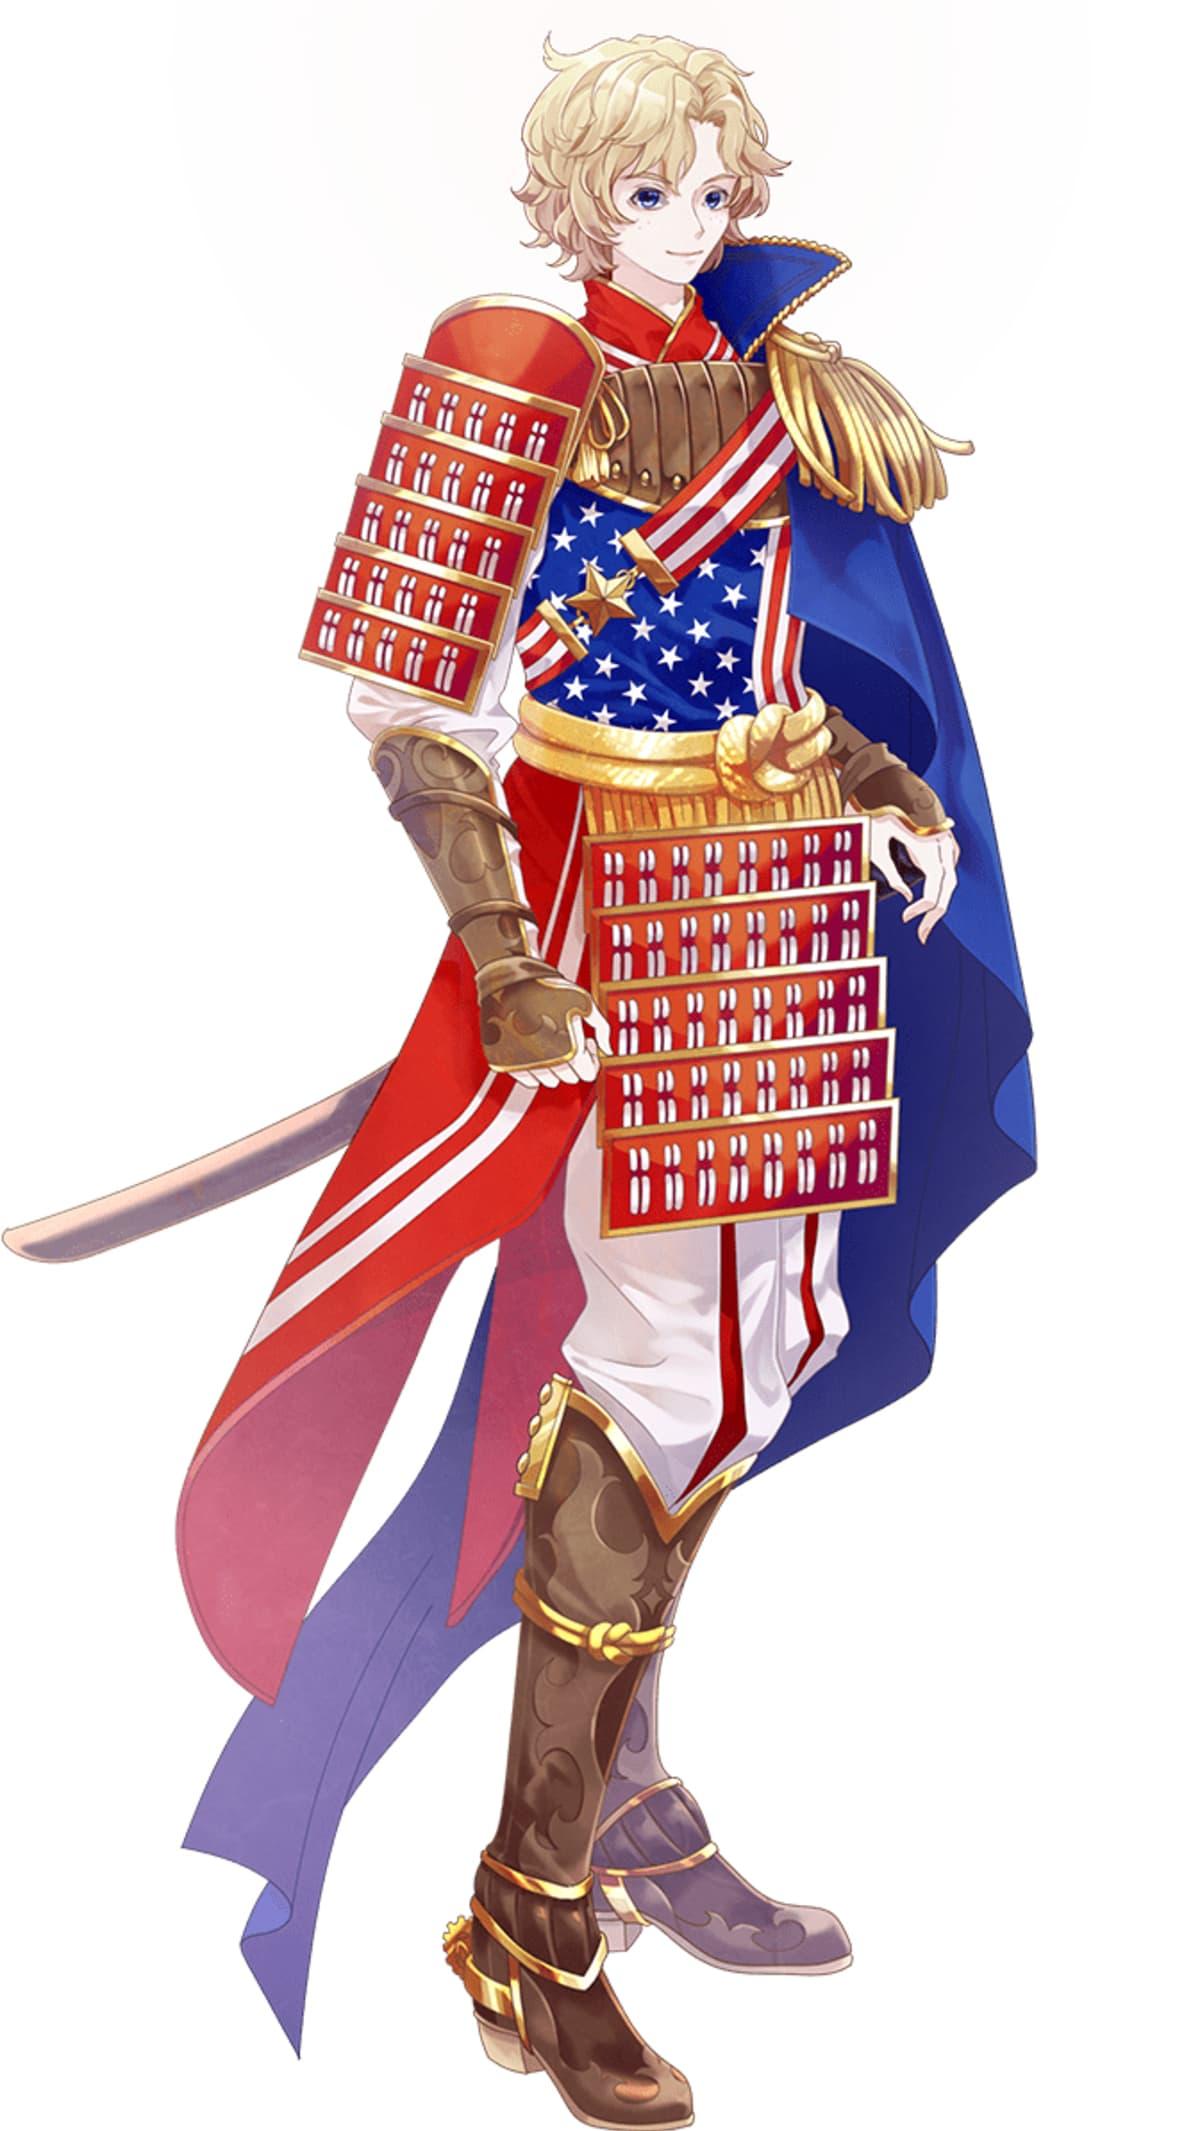 Animehahmo Yhdysvaltain lipun väreissä.